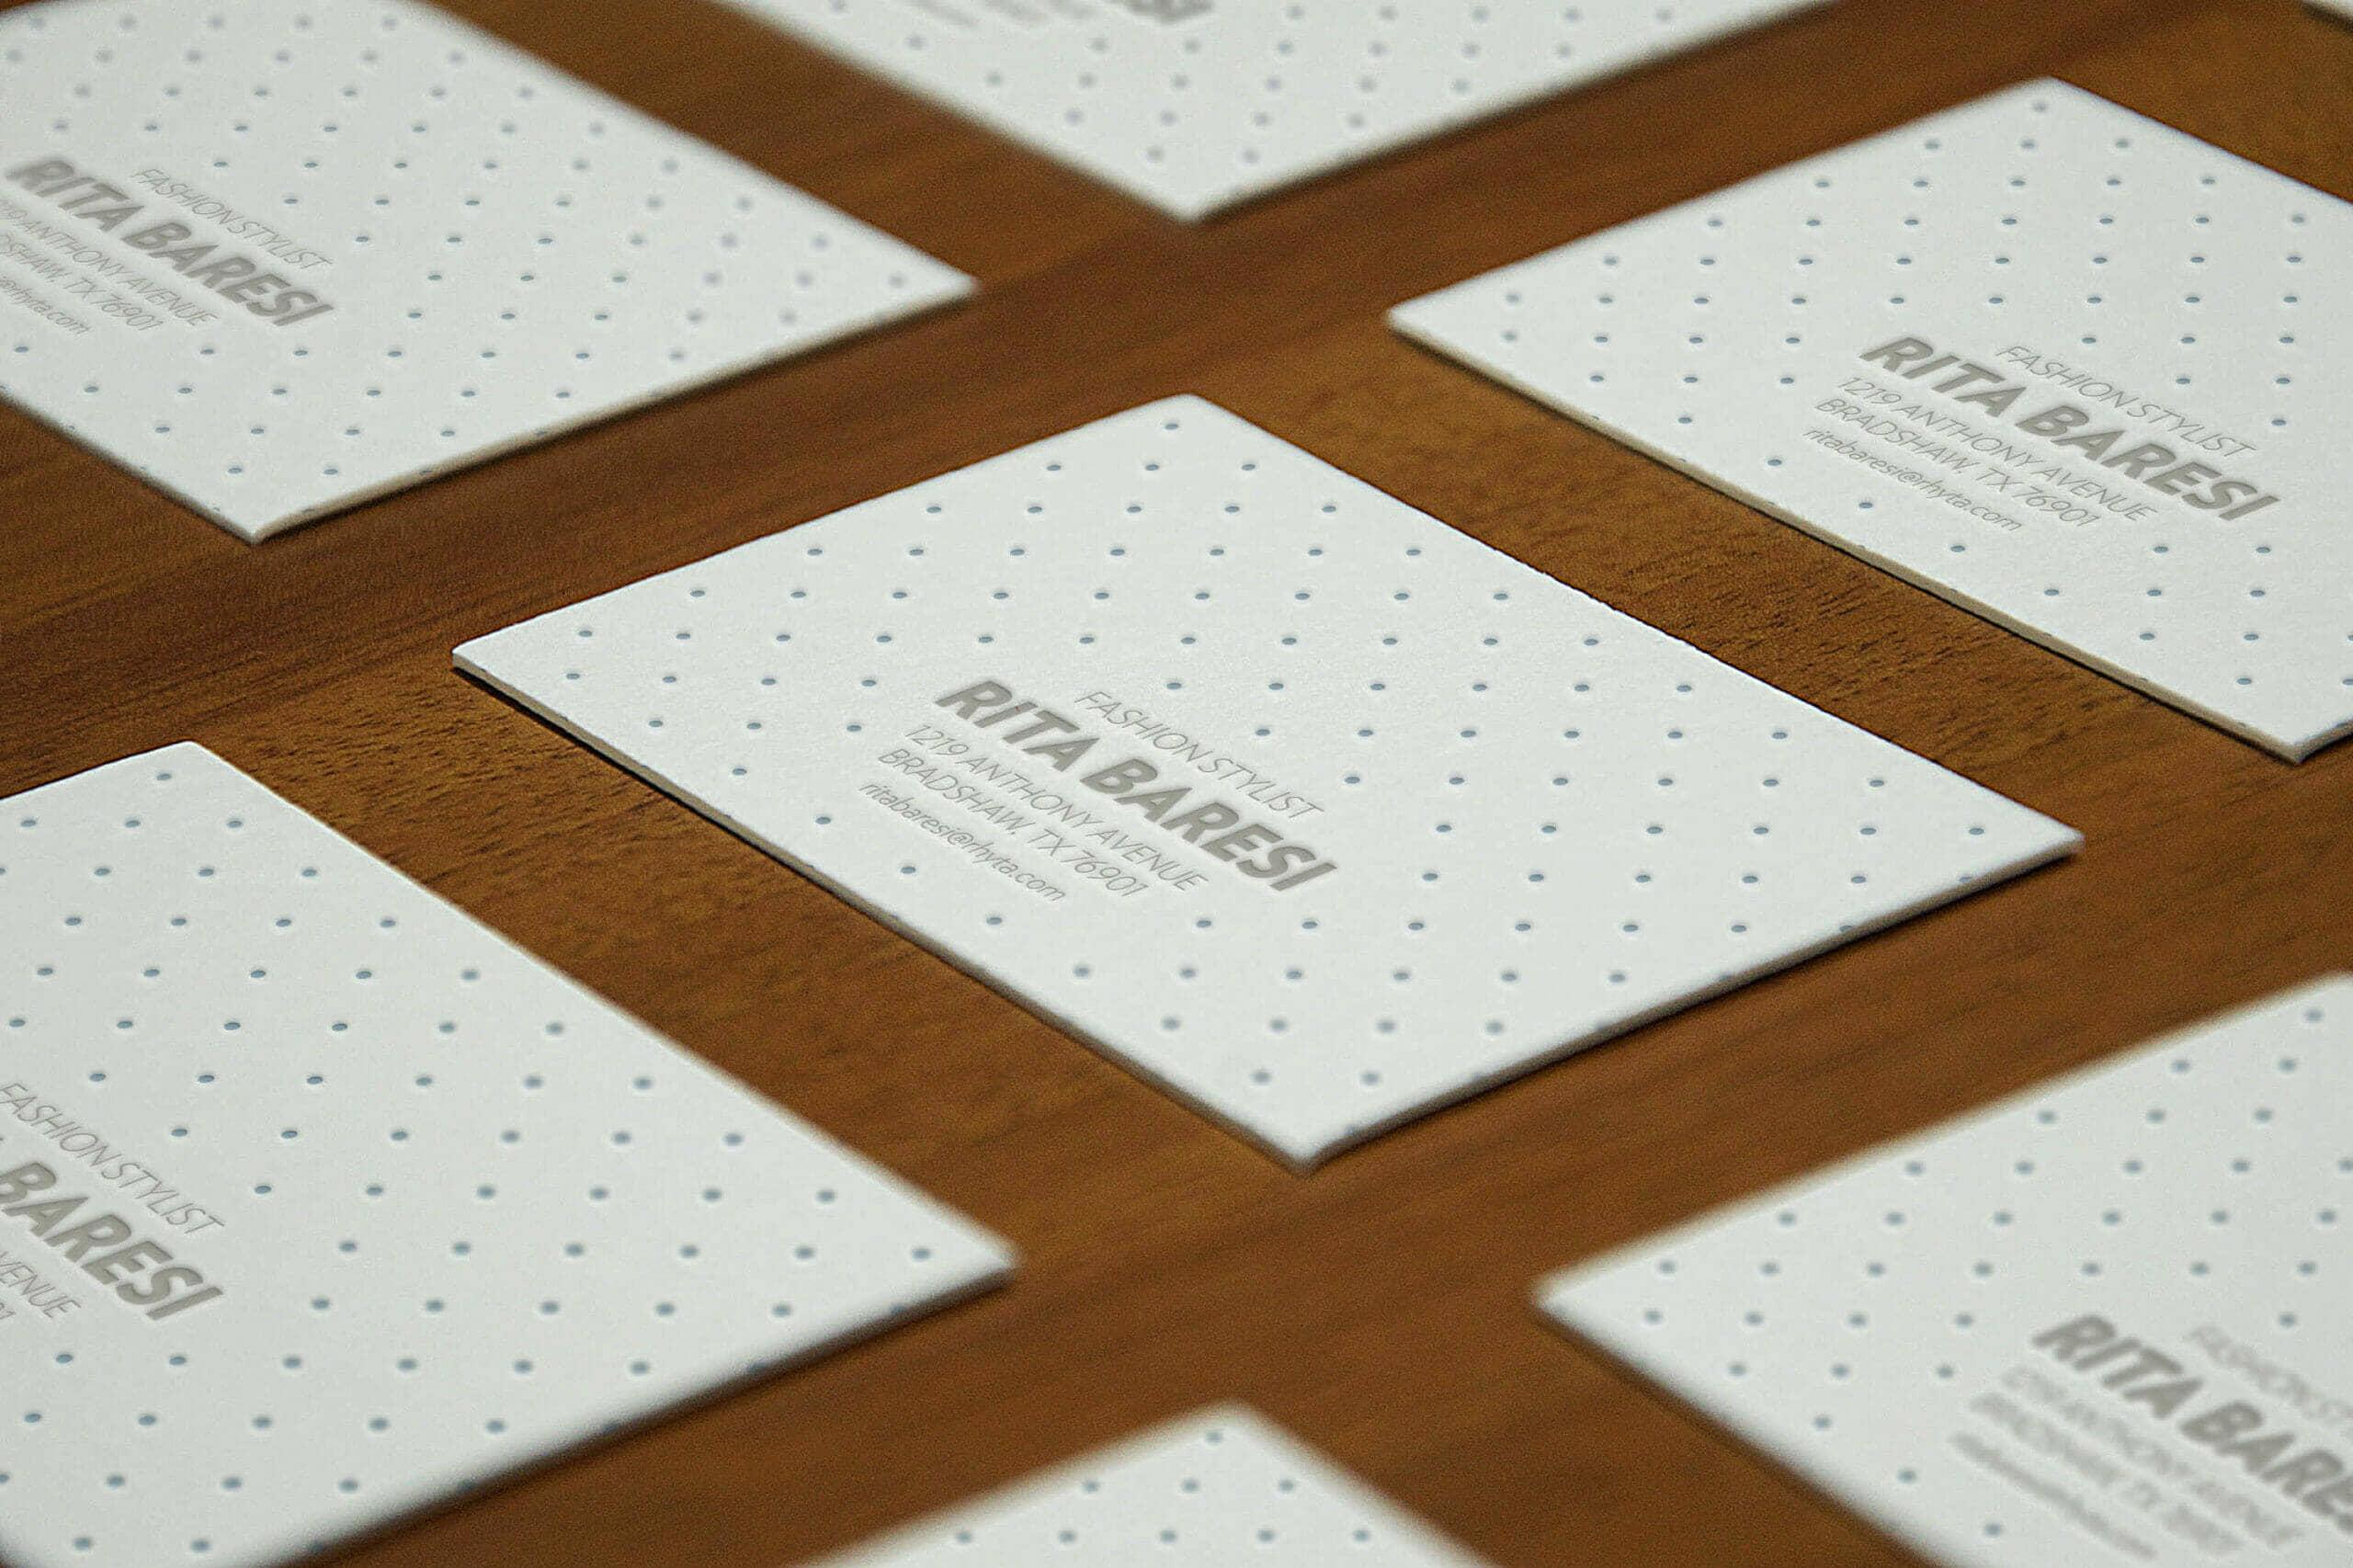 Letterpress Business Cards Perspective Mockup